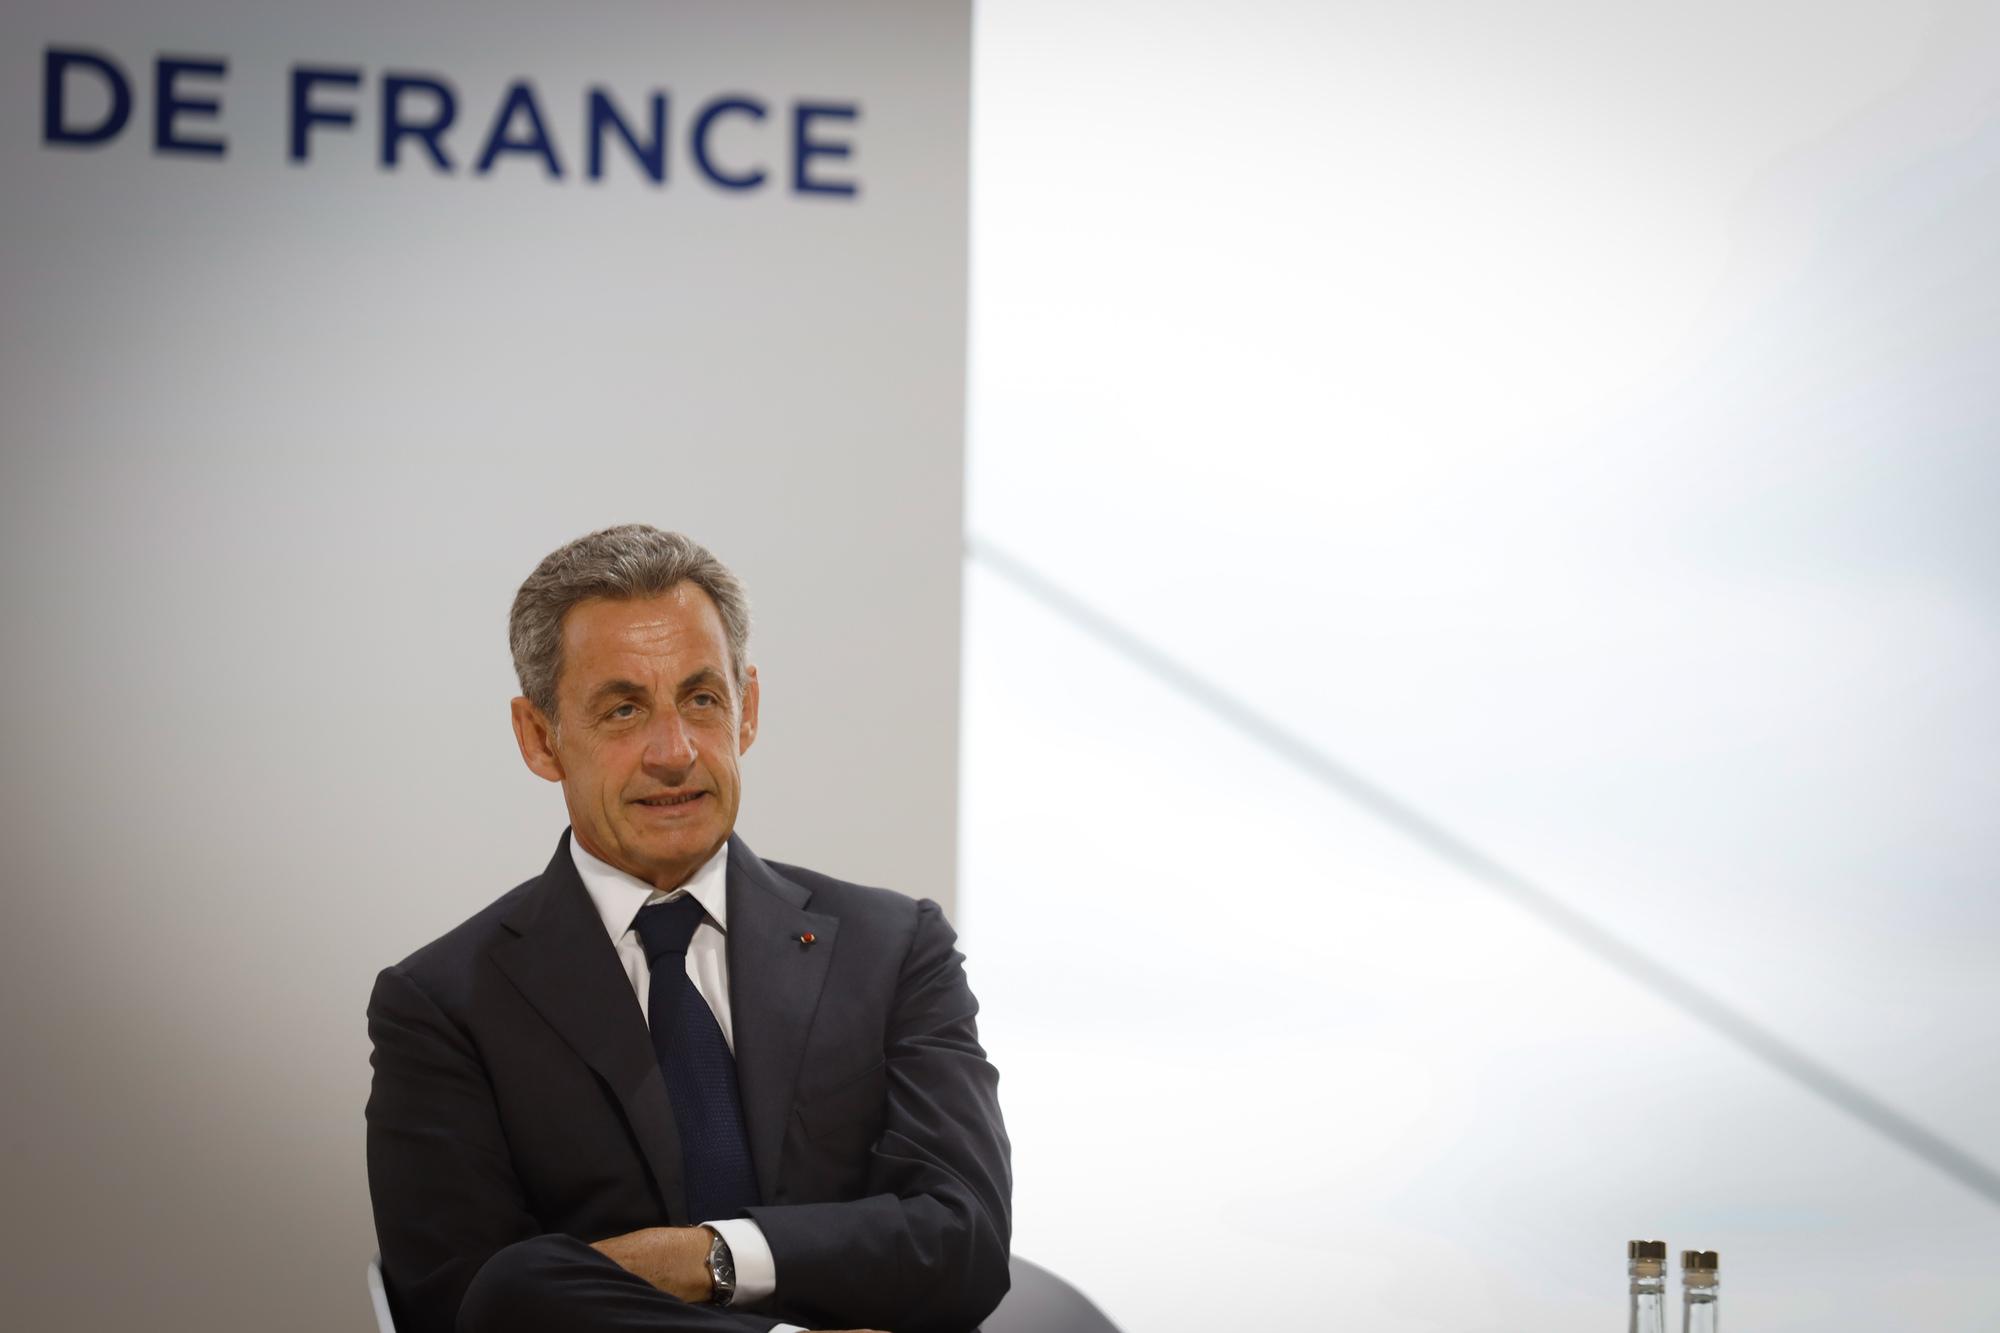 Nicolas Sarkozy, ancien president de la Republique